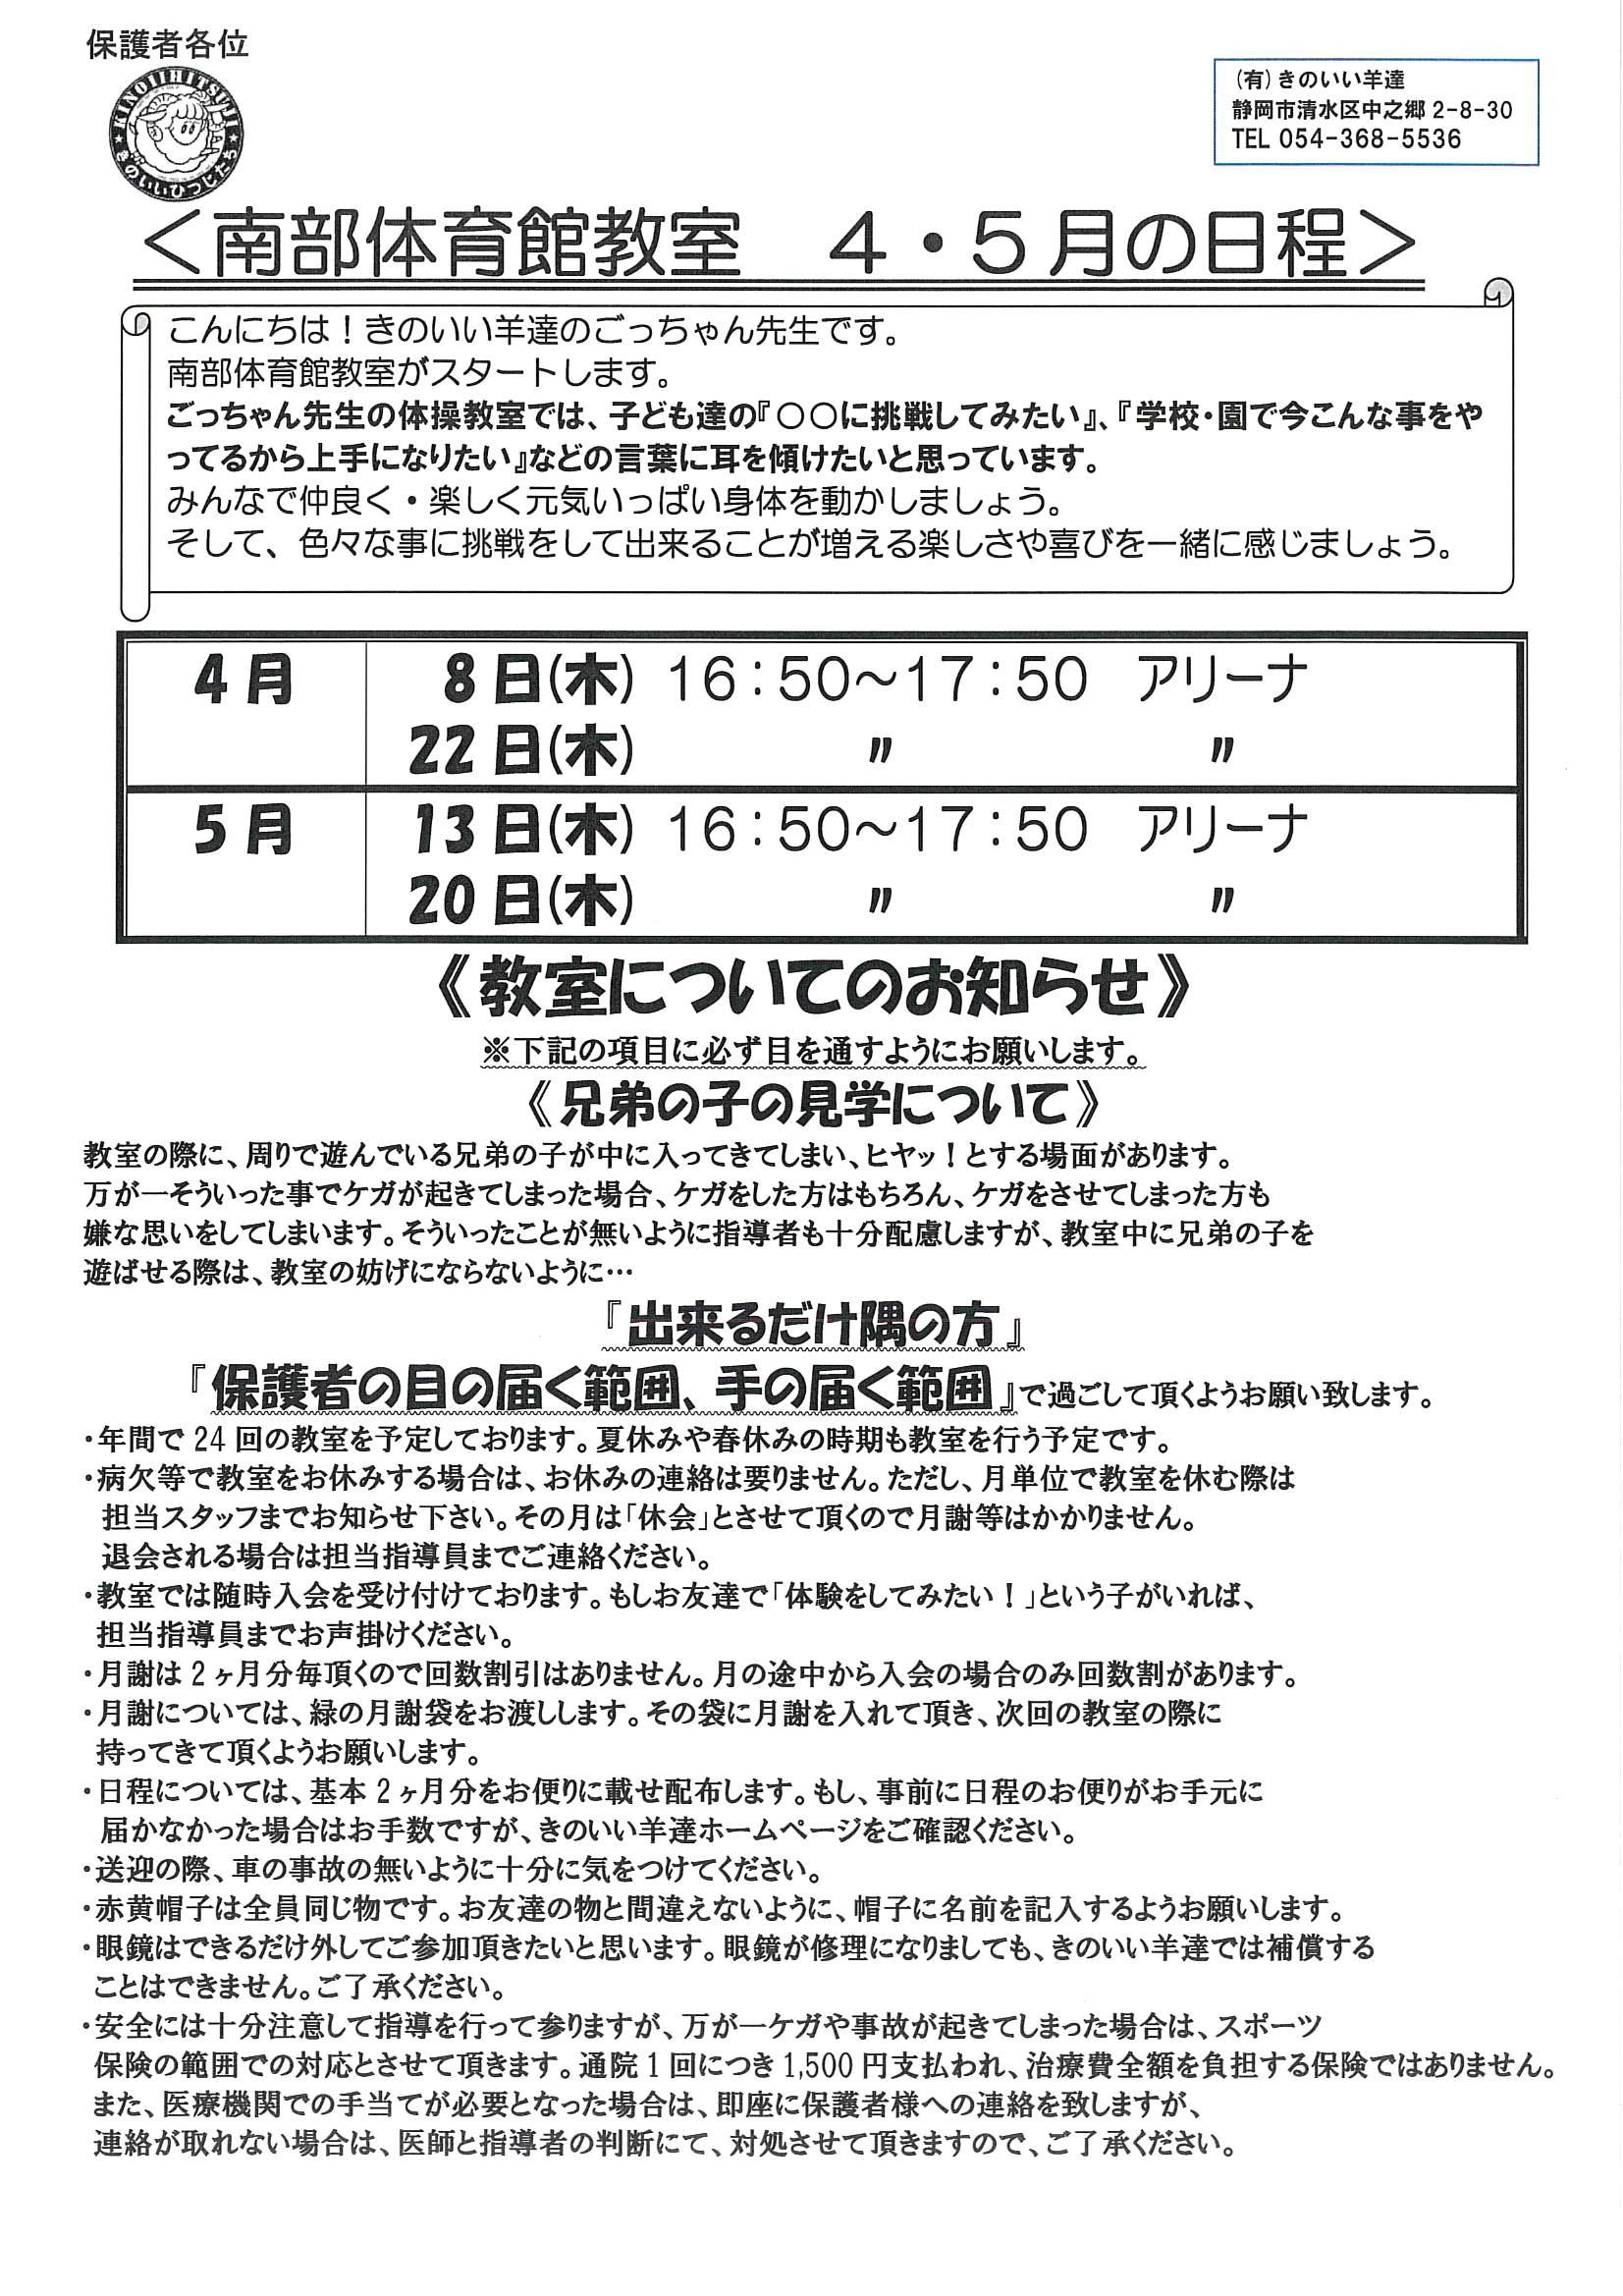 静岡 南部体育館